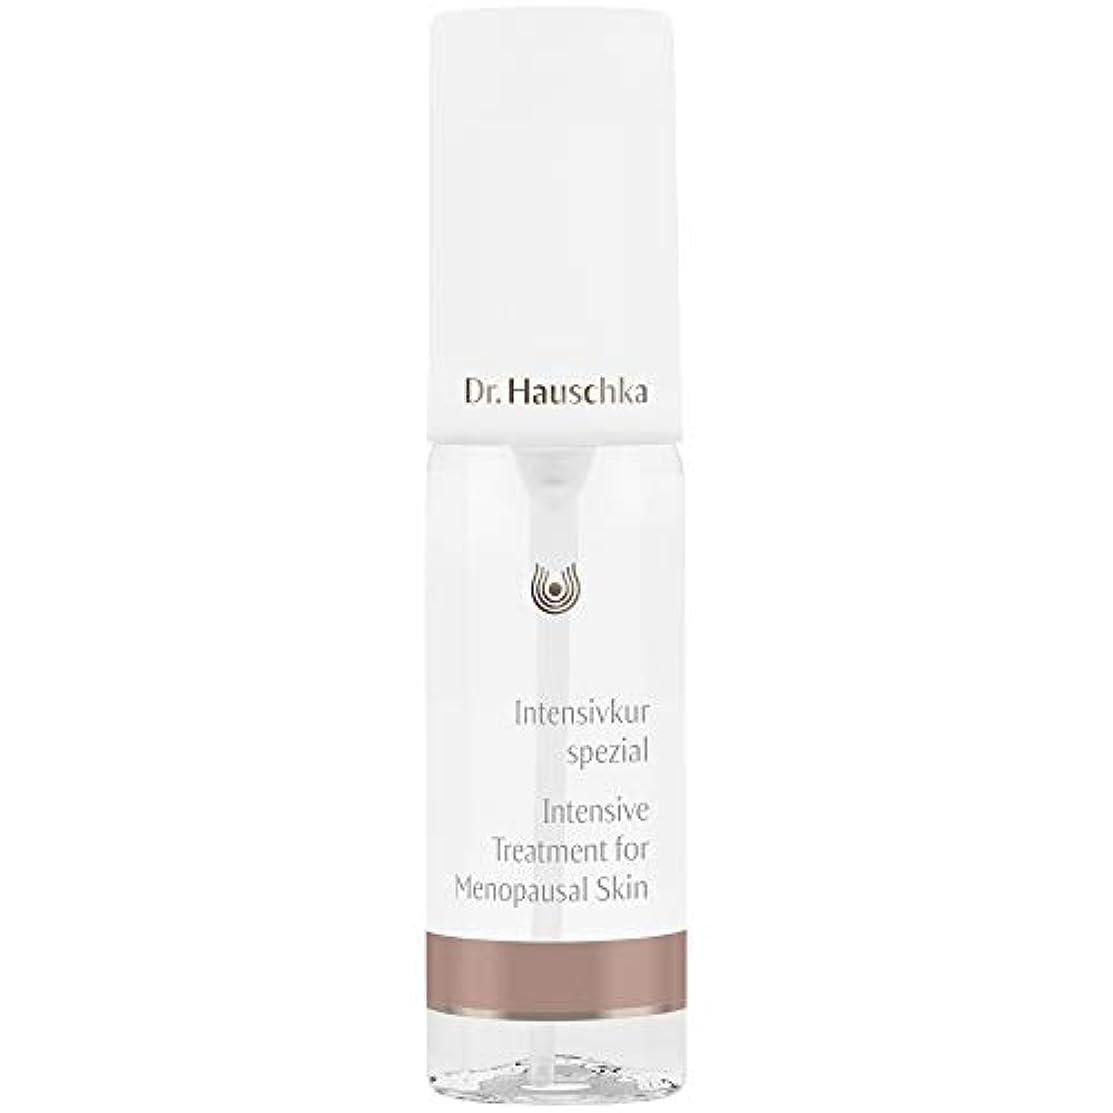 ウール偏差時計[Dr Hauschka] 更年期の皮膚05 40ミリリットルのためのDrハウシュカ集中治療 - Dr Hauschka Intensive Treatment for Menopausal Skin 05 40ml [...